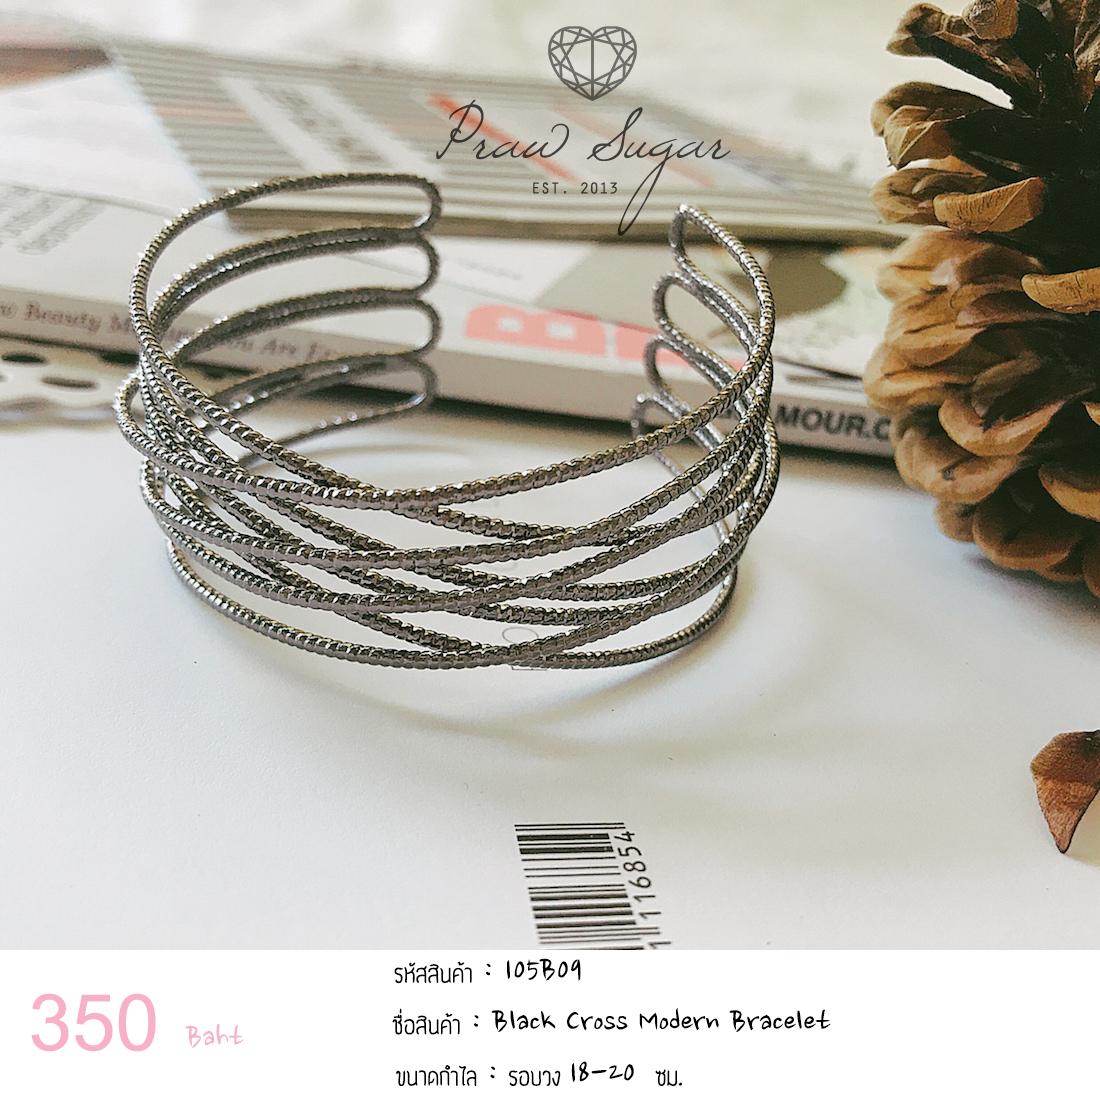 Black Cross Modern Bracelet